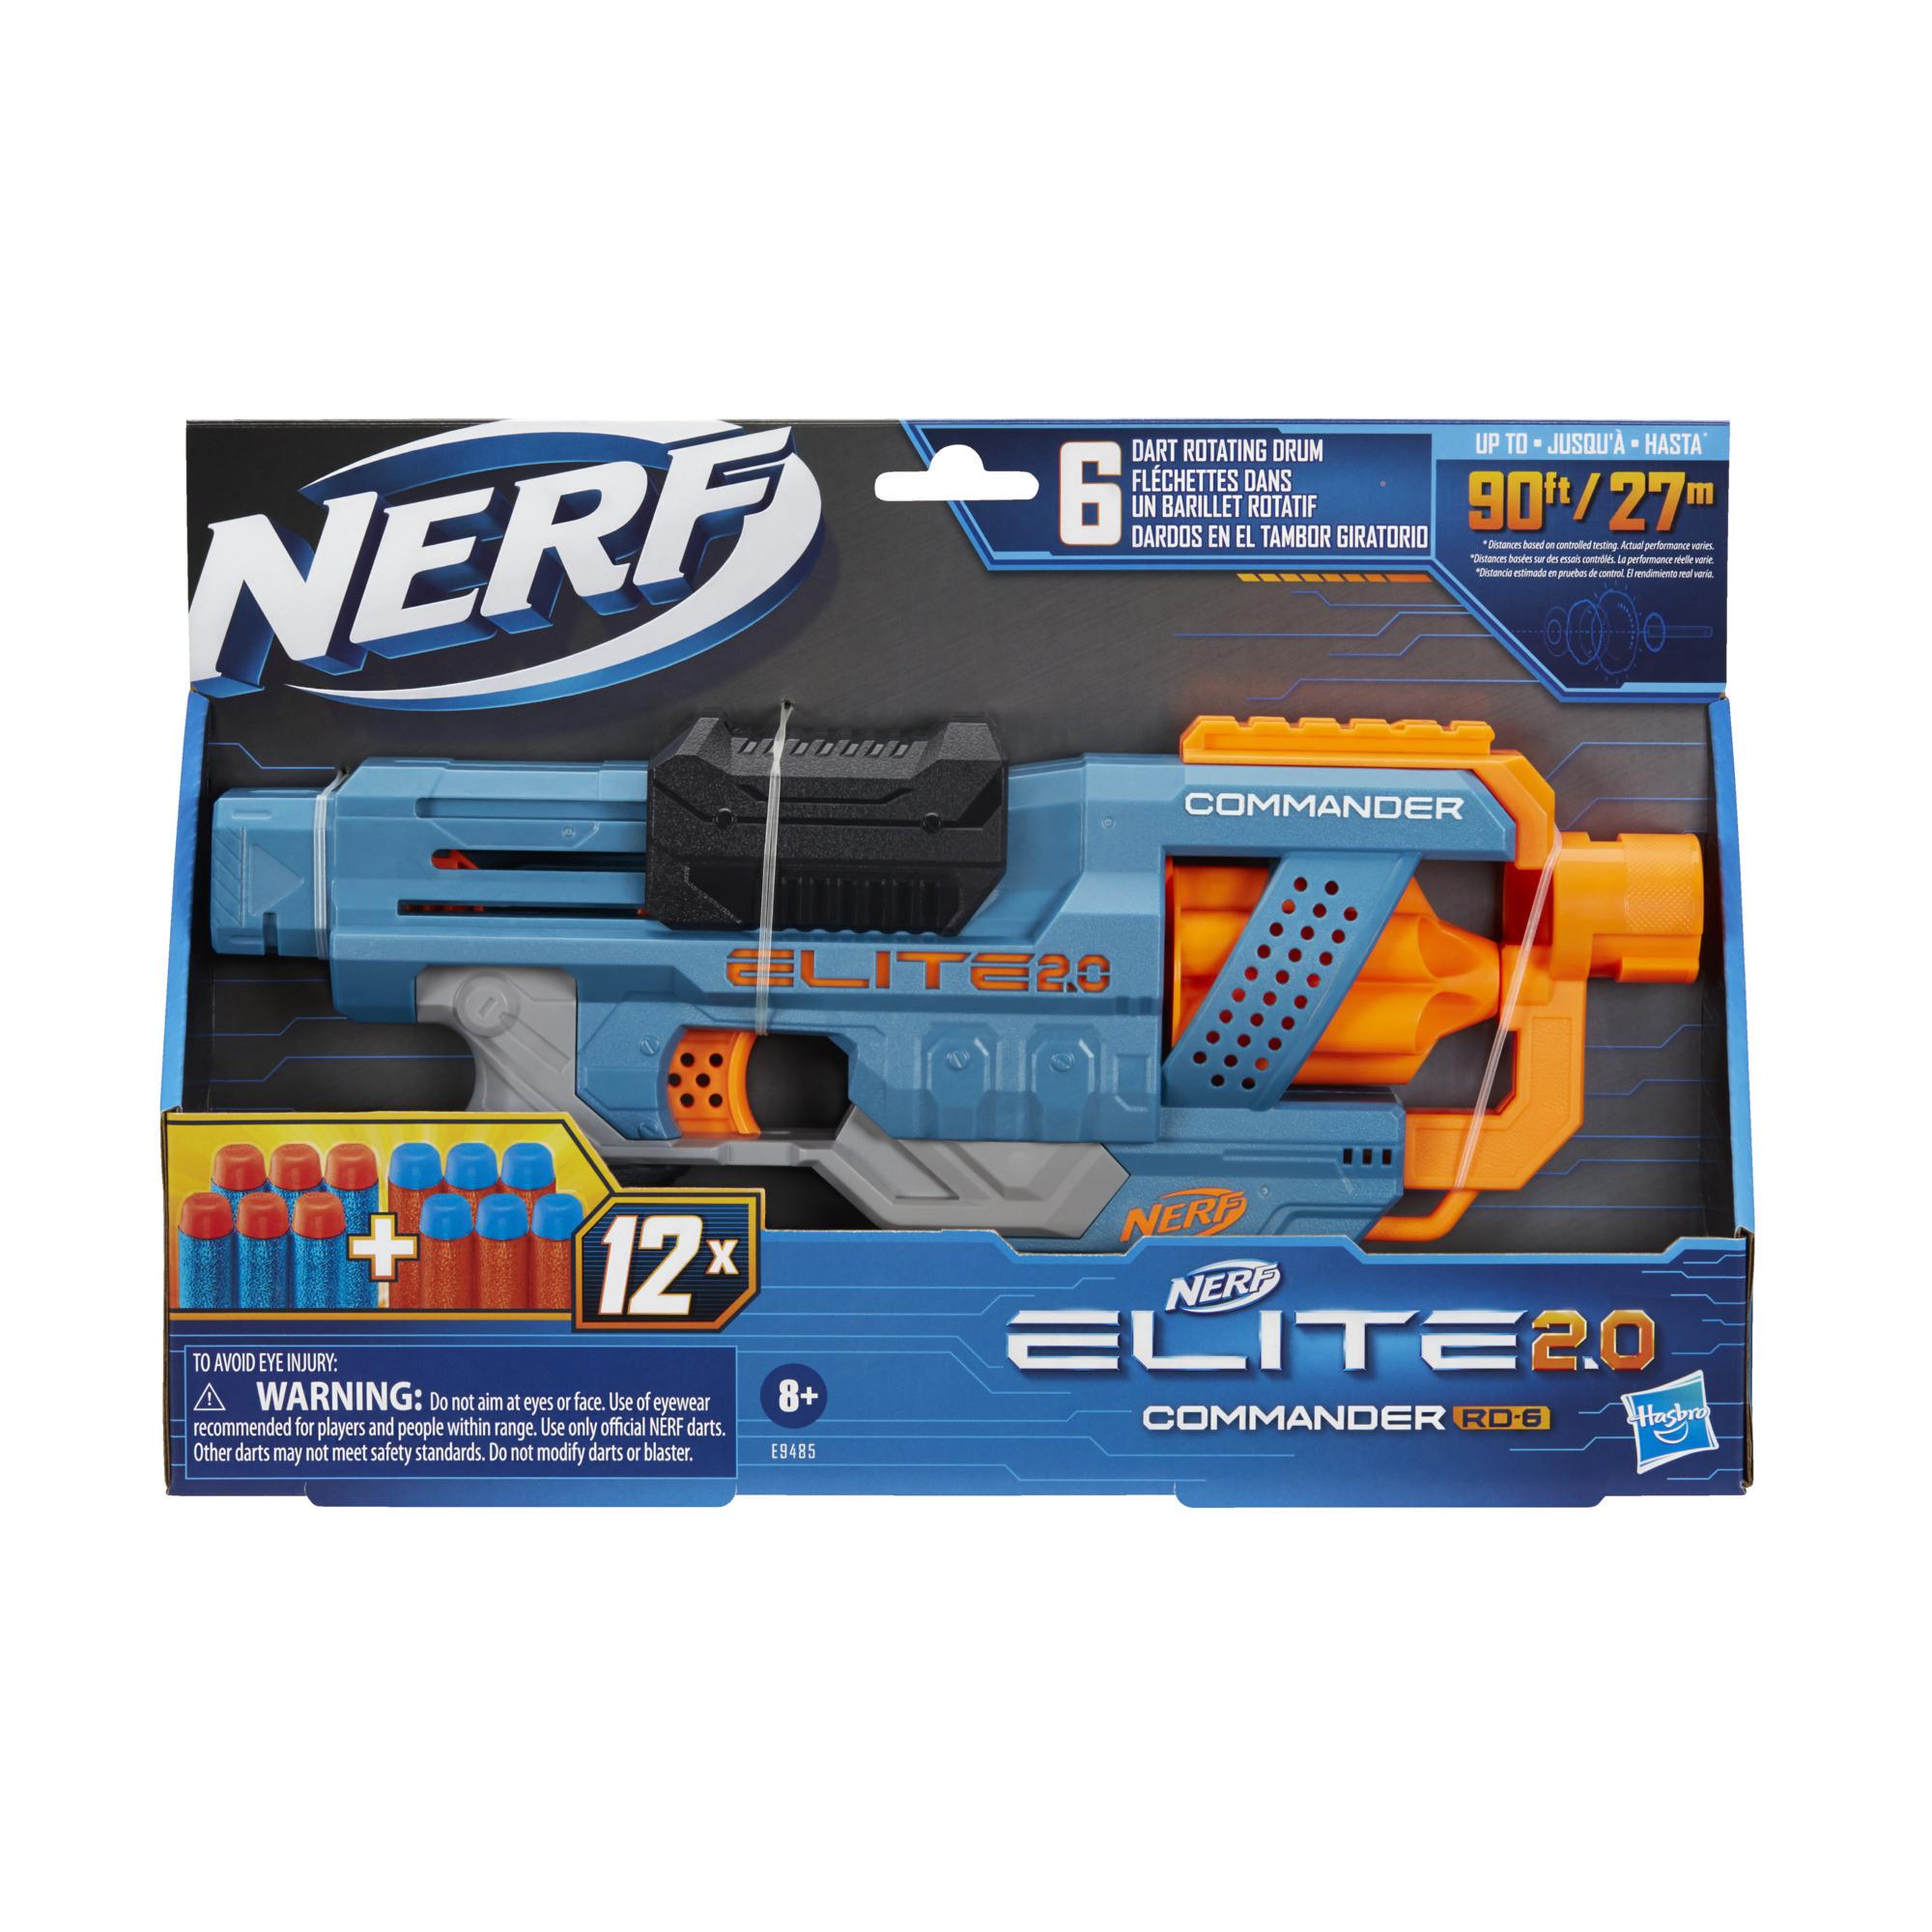 Nerf Elite 2.0 Commander RD-6-blaster, 12 officiële Nerf-darts, draaiende trommel met 6 darts, ingebouwde aanpassingsmogelijkheden